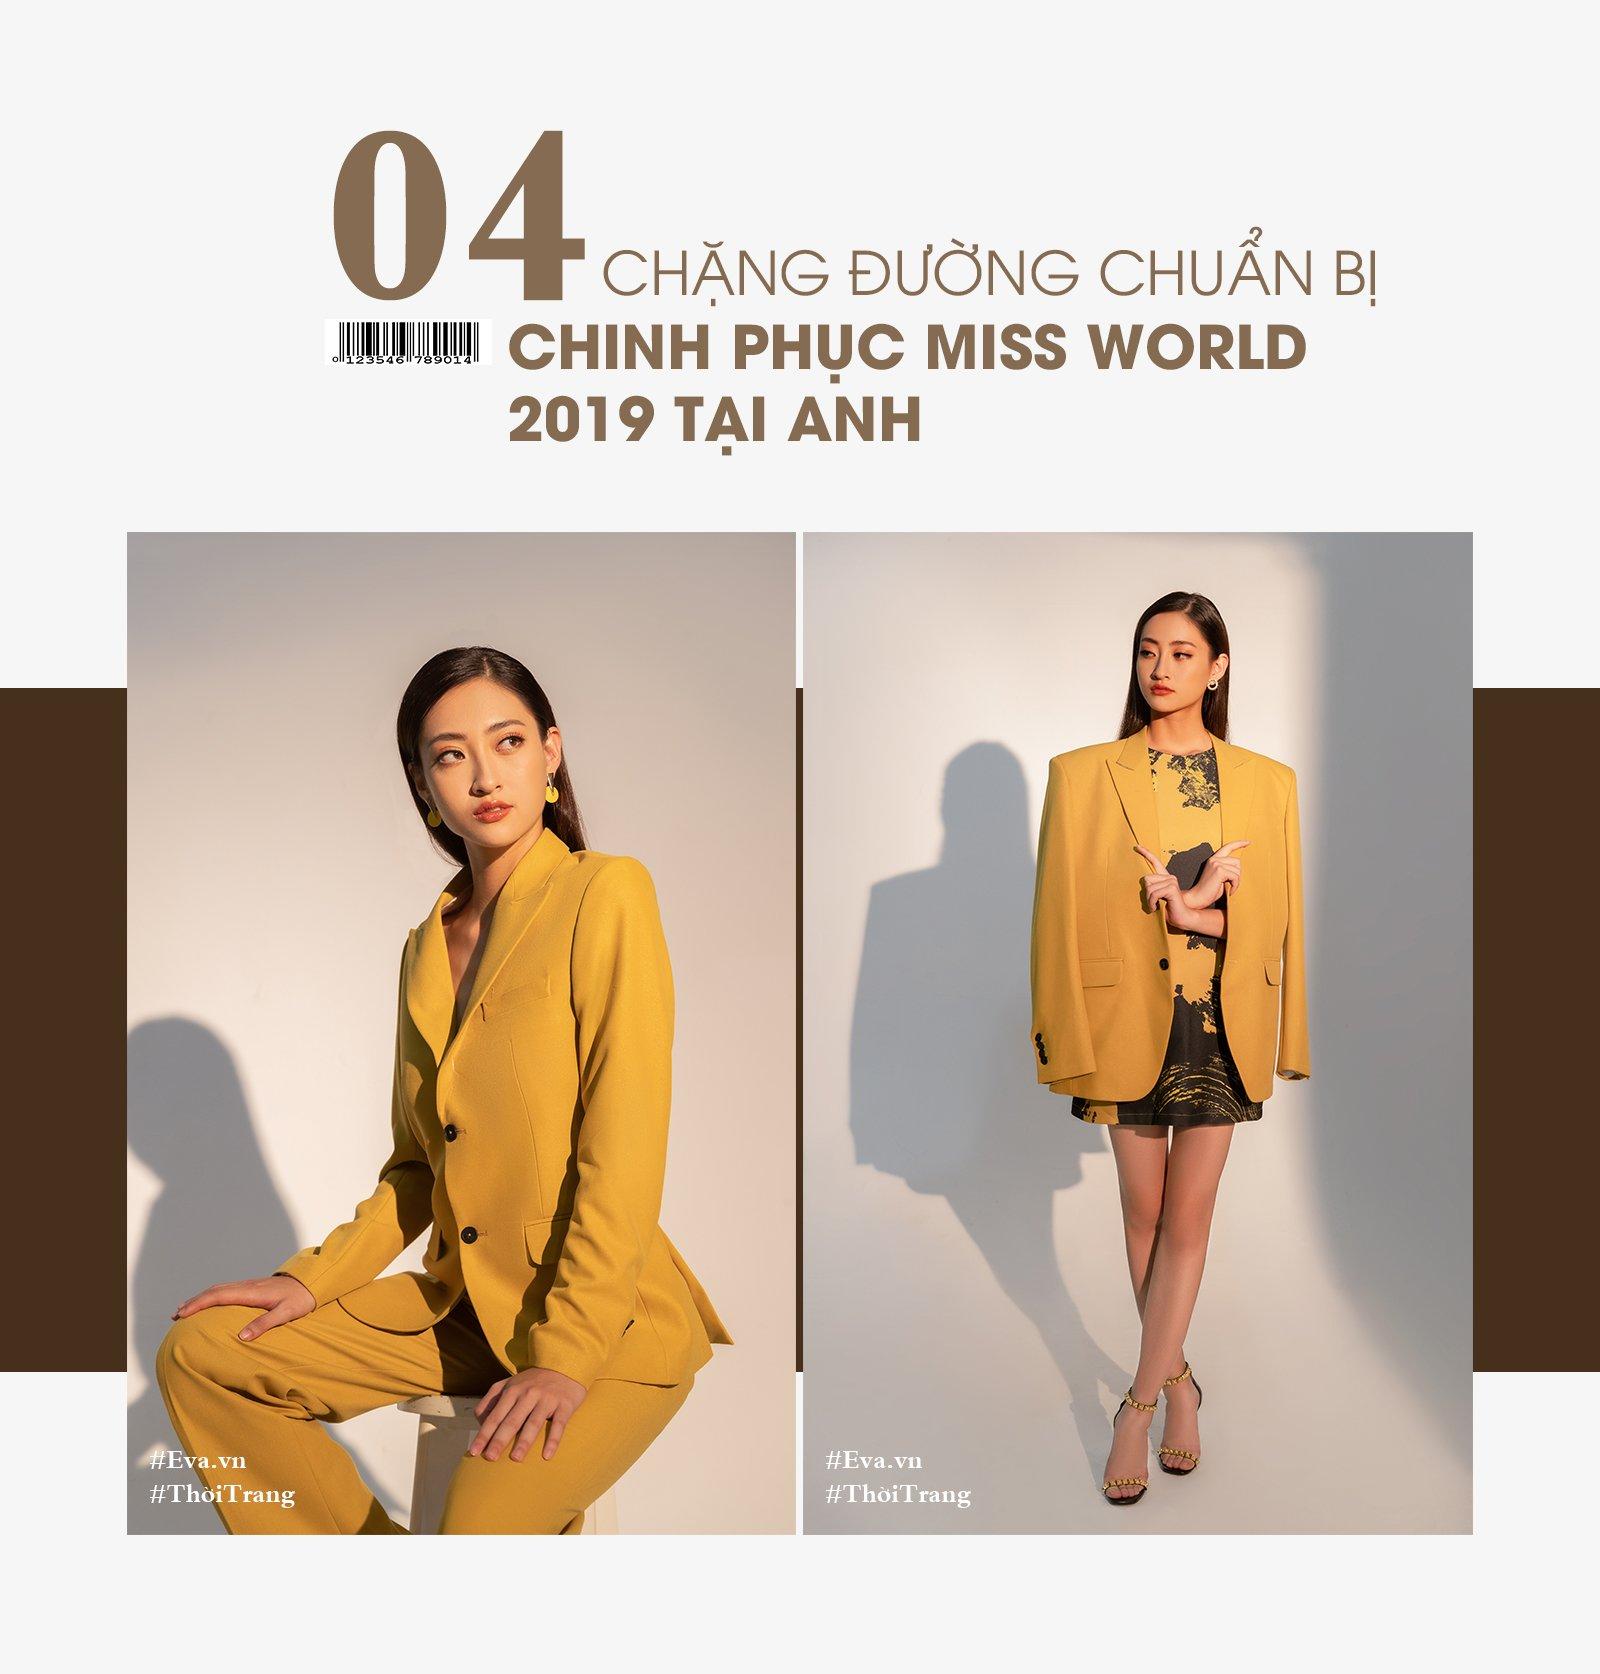 """hoa hau luong thuy linh: """"toi phai di muon cua ban 6 chiec vay de thi miss world viet nam."""" - 14"""